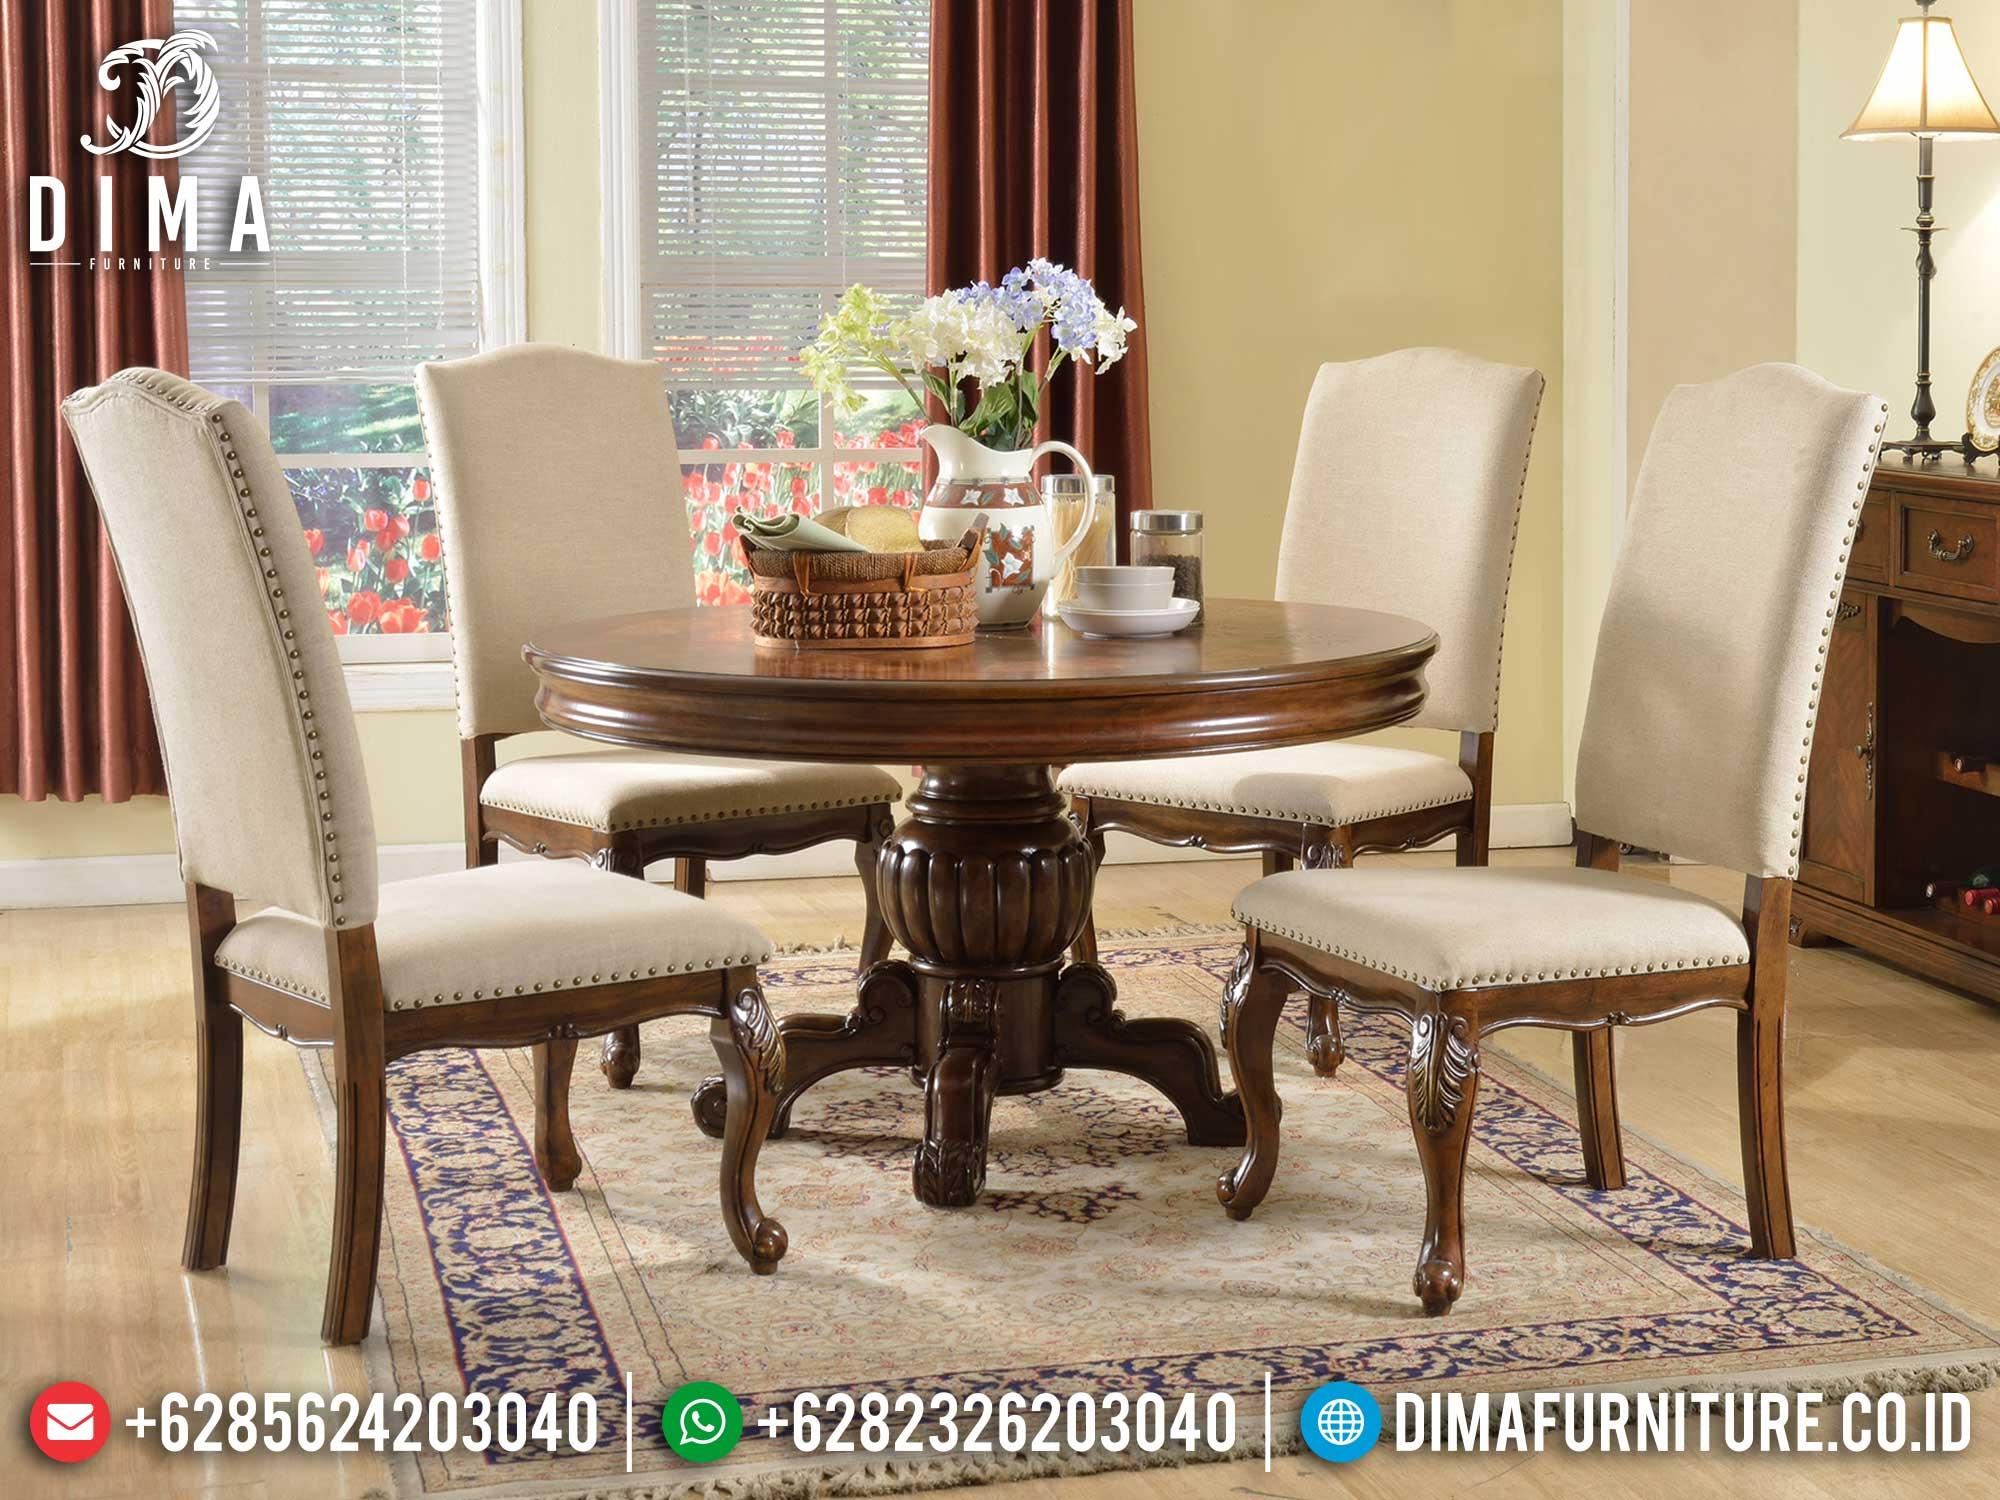 Desain Meja Makan Minimalis Bundar Natural Jati Classic Furniture Jepara Terbaru ST-1207